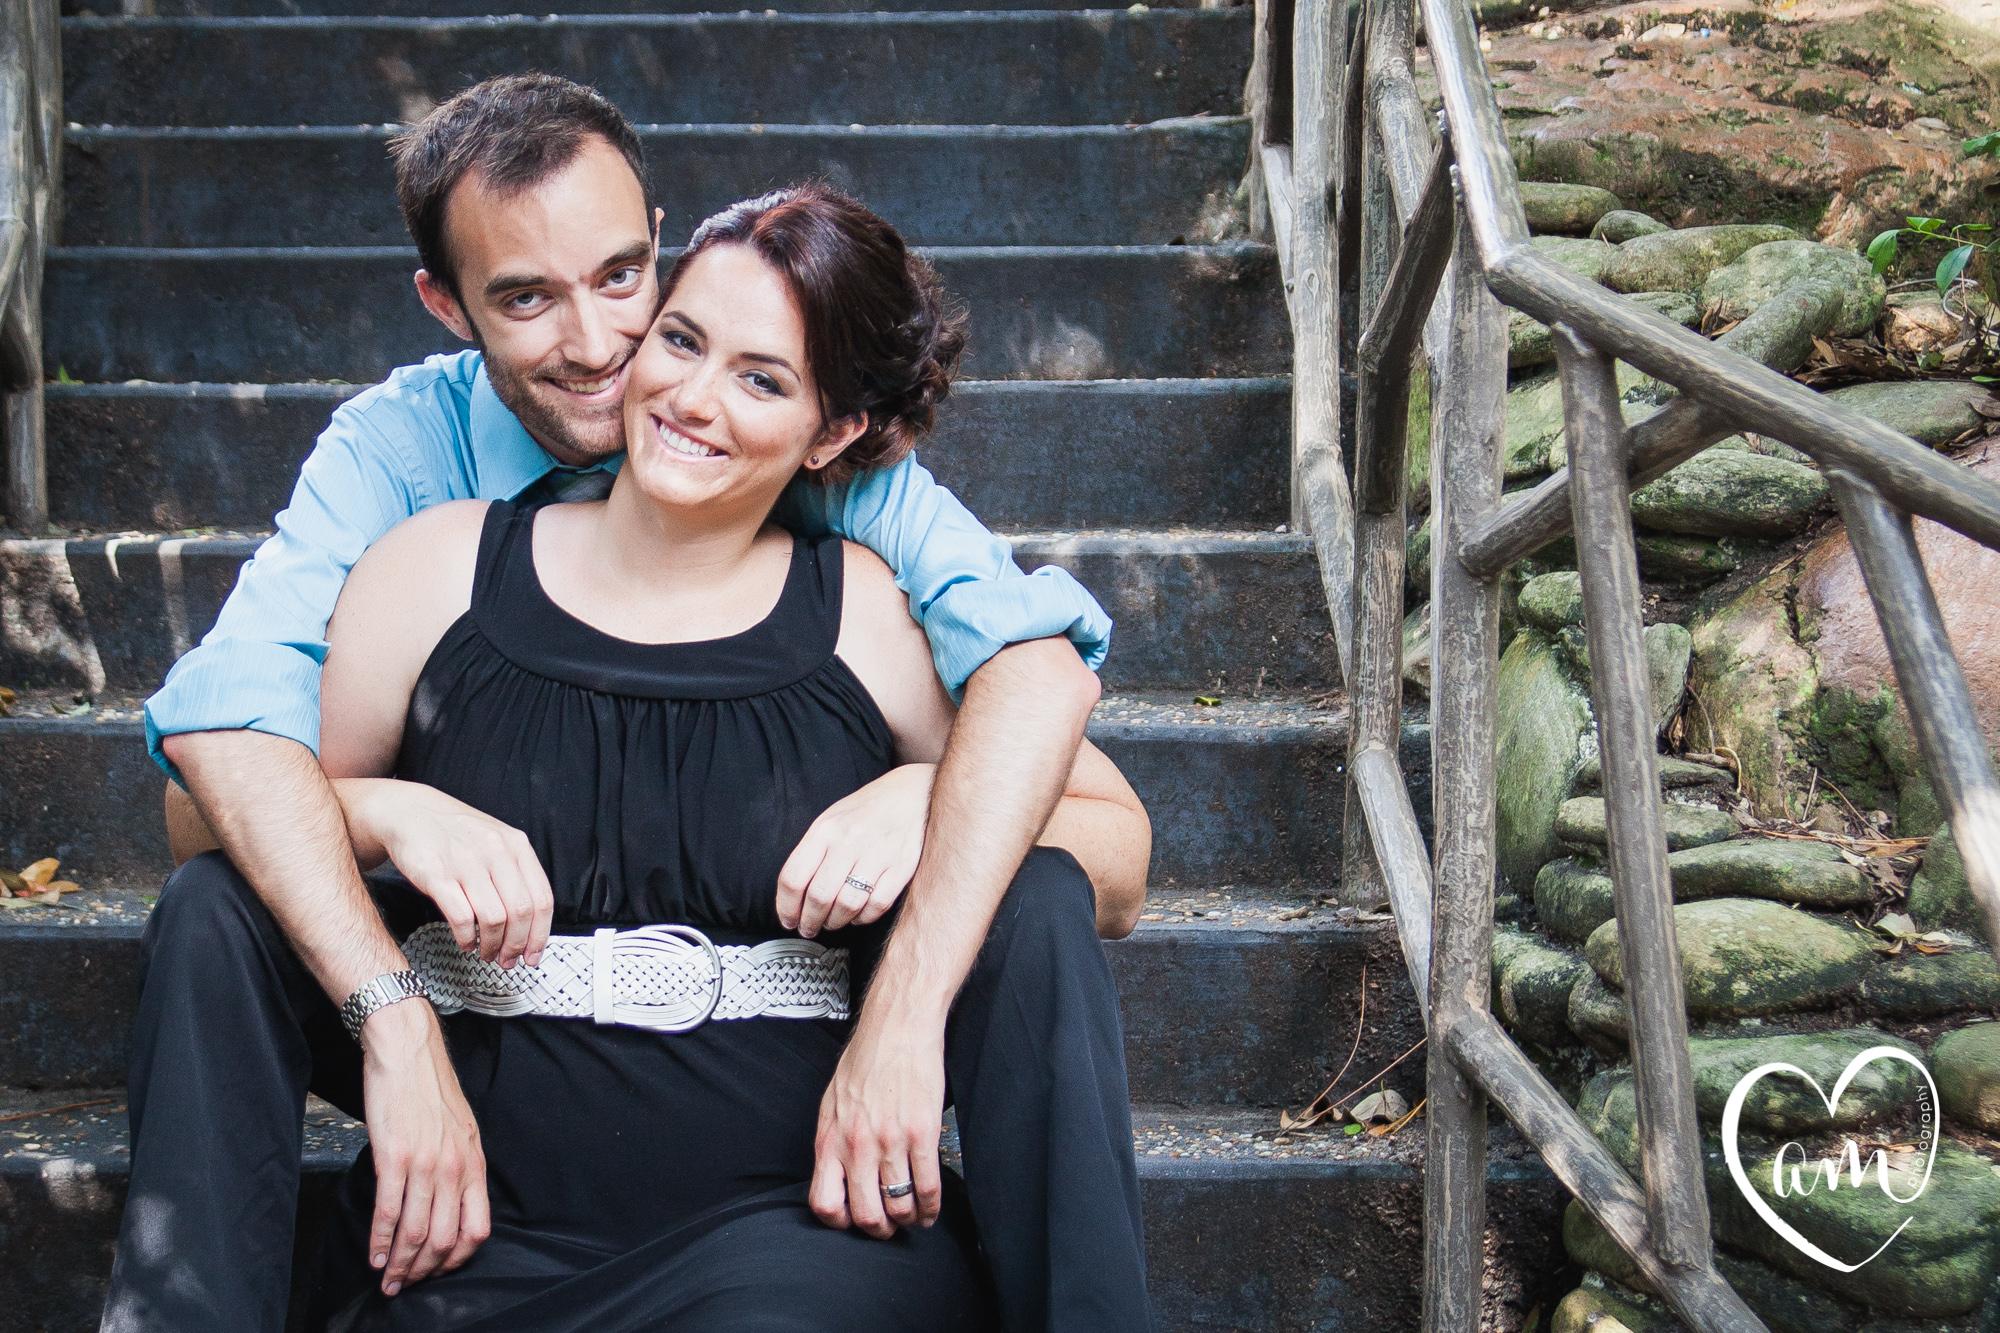 Magic Kingdom Engagement Session by Amanda Mejias Photography: Destination Wedding Photographer